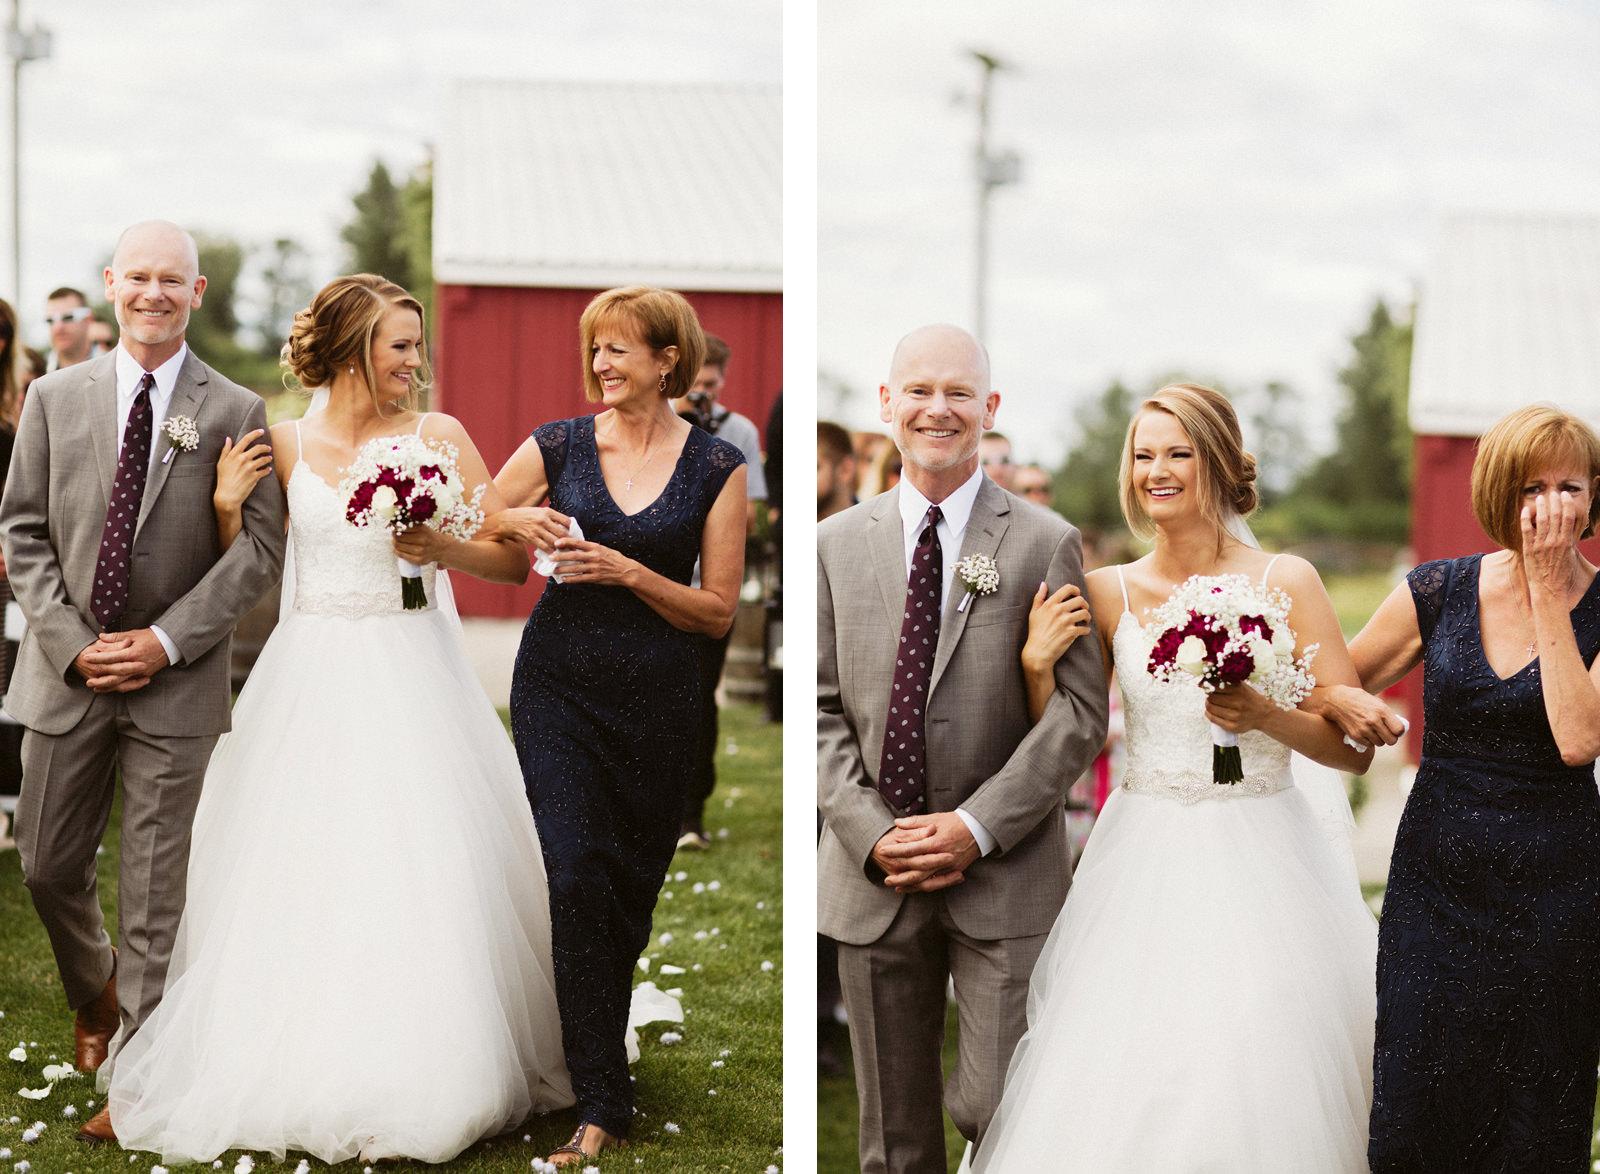 jacobregan-blog-16 SCHILLER FAMILY FARM WEDDING